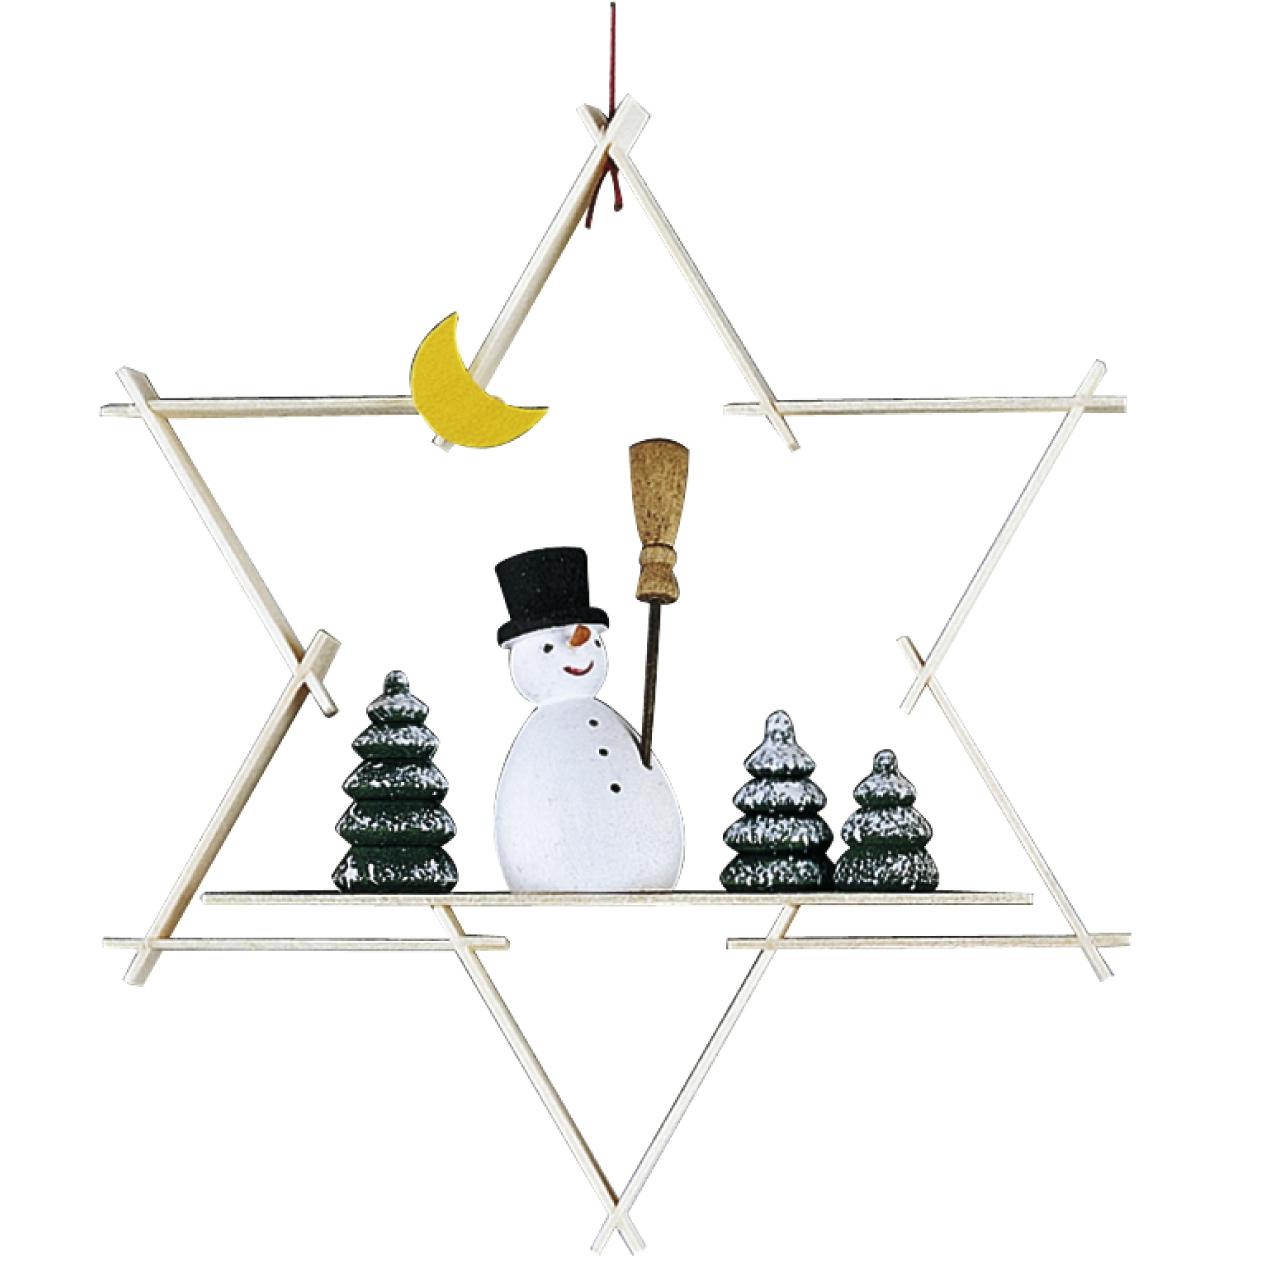 ギュンターライヒェル クリスマスツリーデコレーション 雪だるま